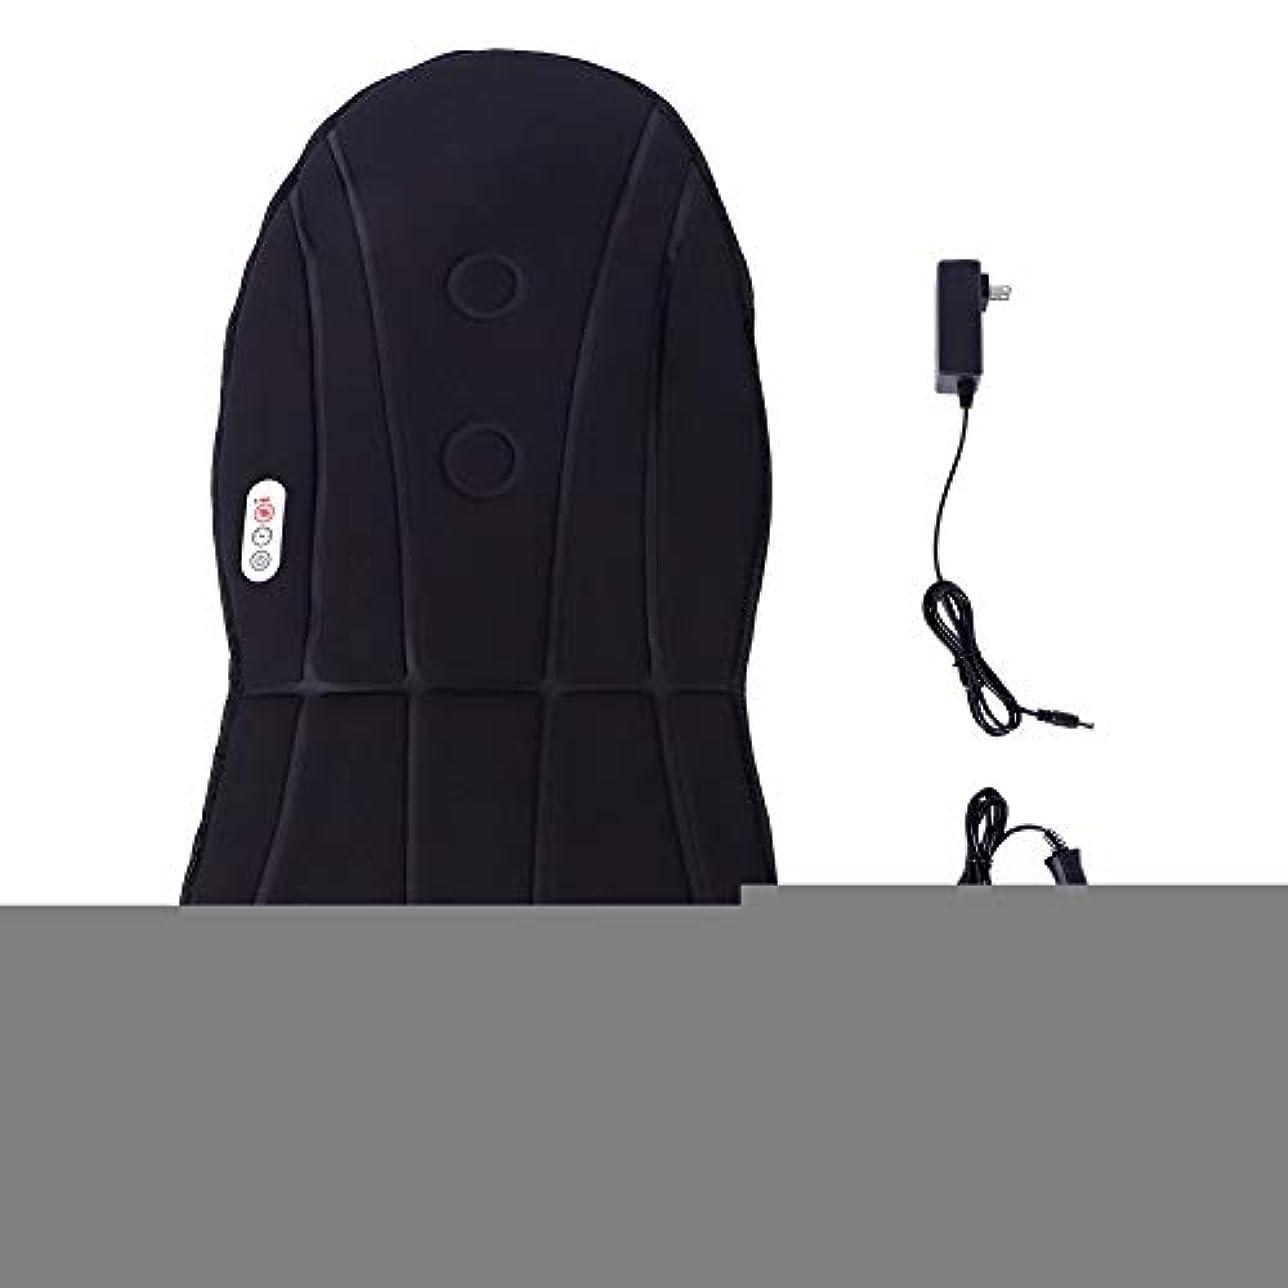 バックマッサージと首の振動のための暖房マッサージ付きマッサージ車のクッション振動クッション3ホームオフィスで調整可能な速度(US)